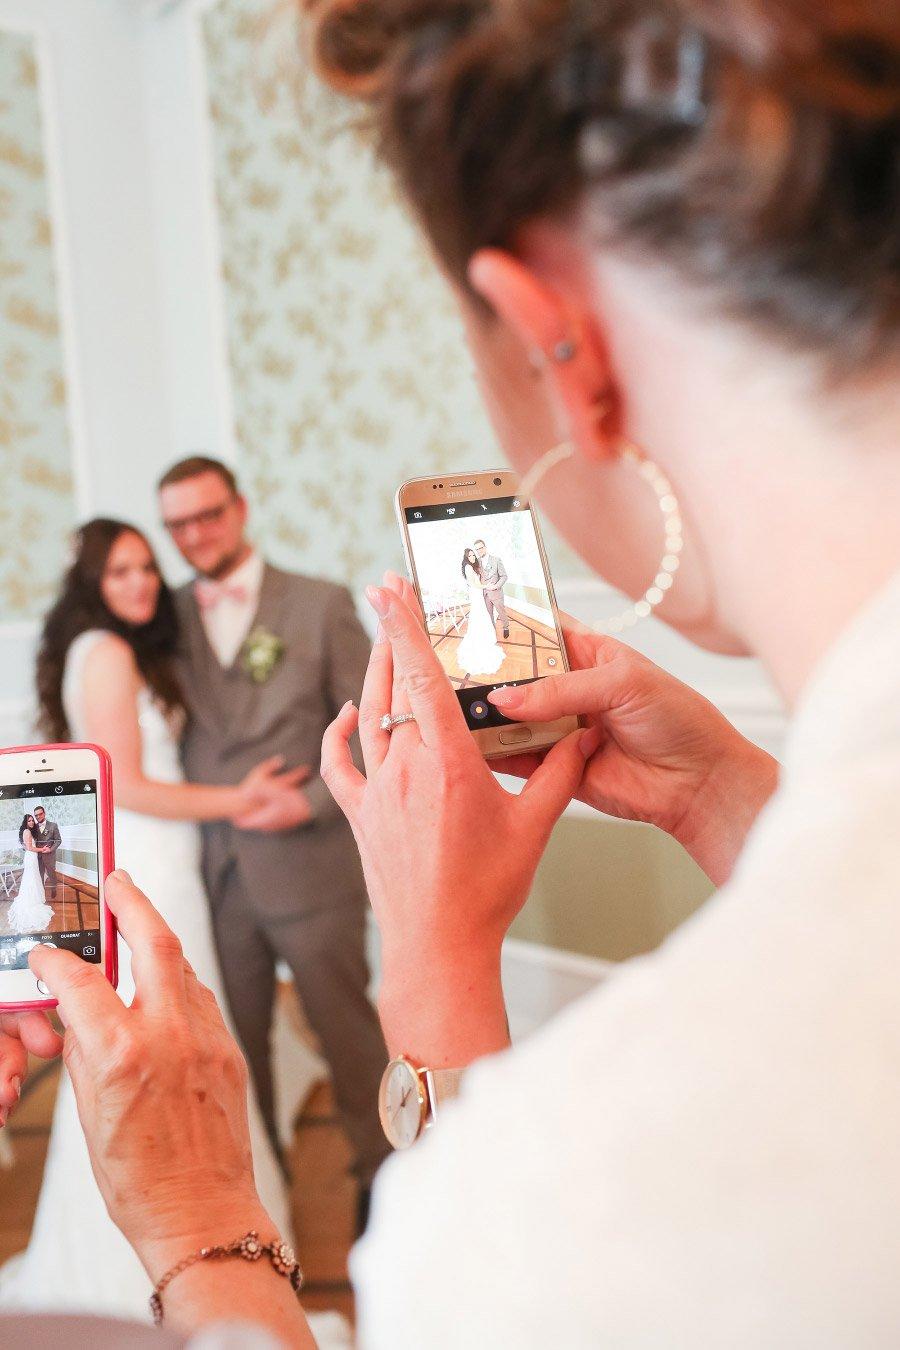 Fotos mit Smartphone vom Brautpaar